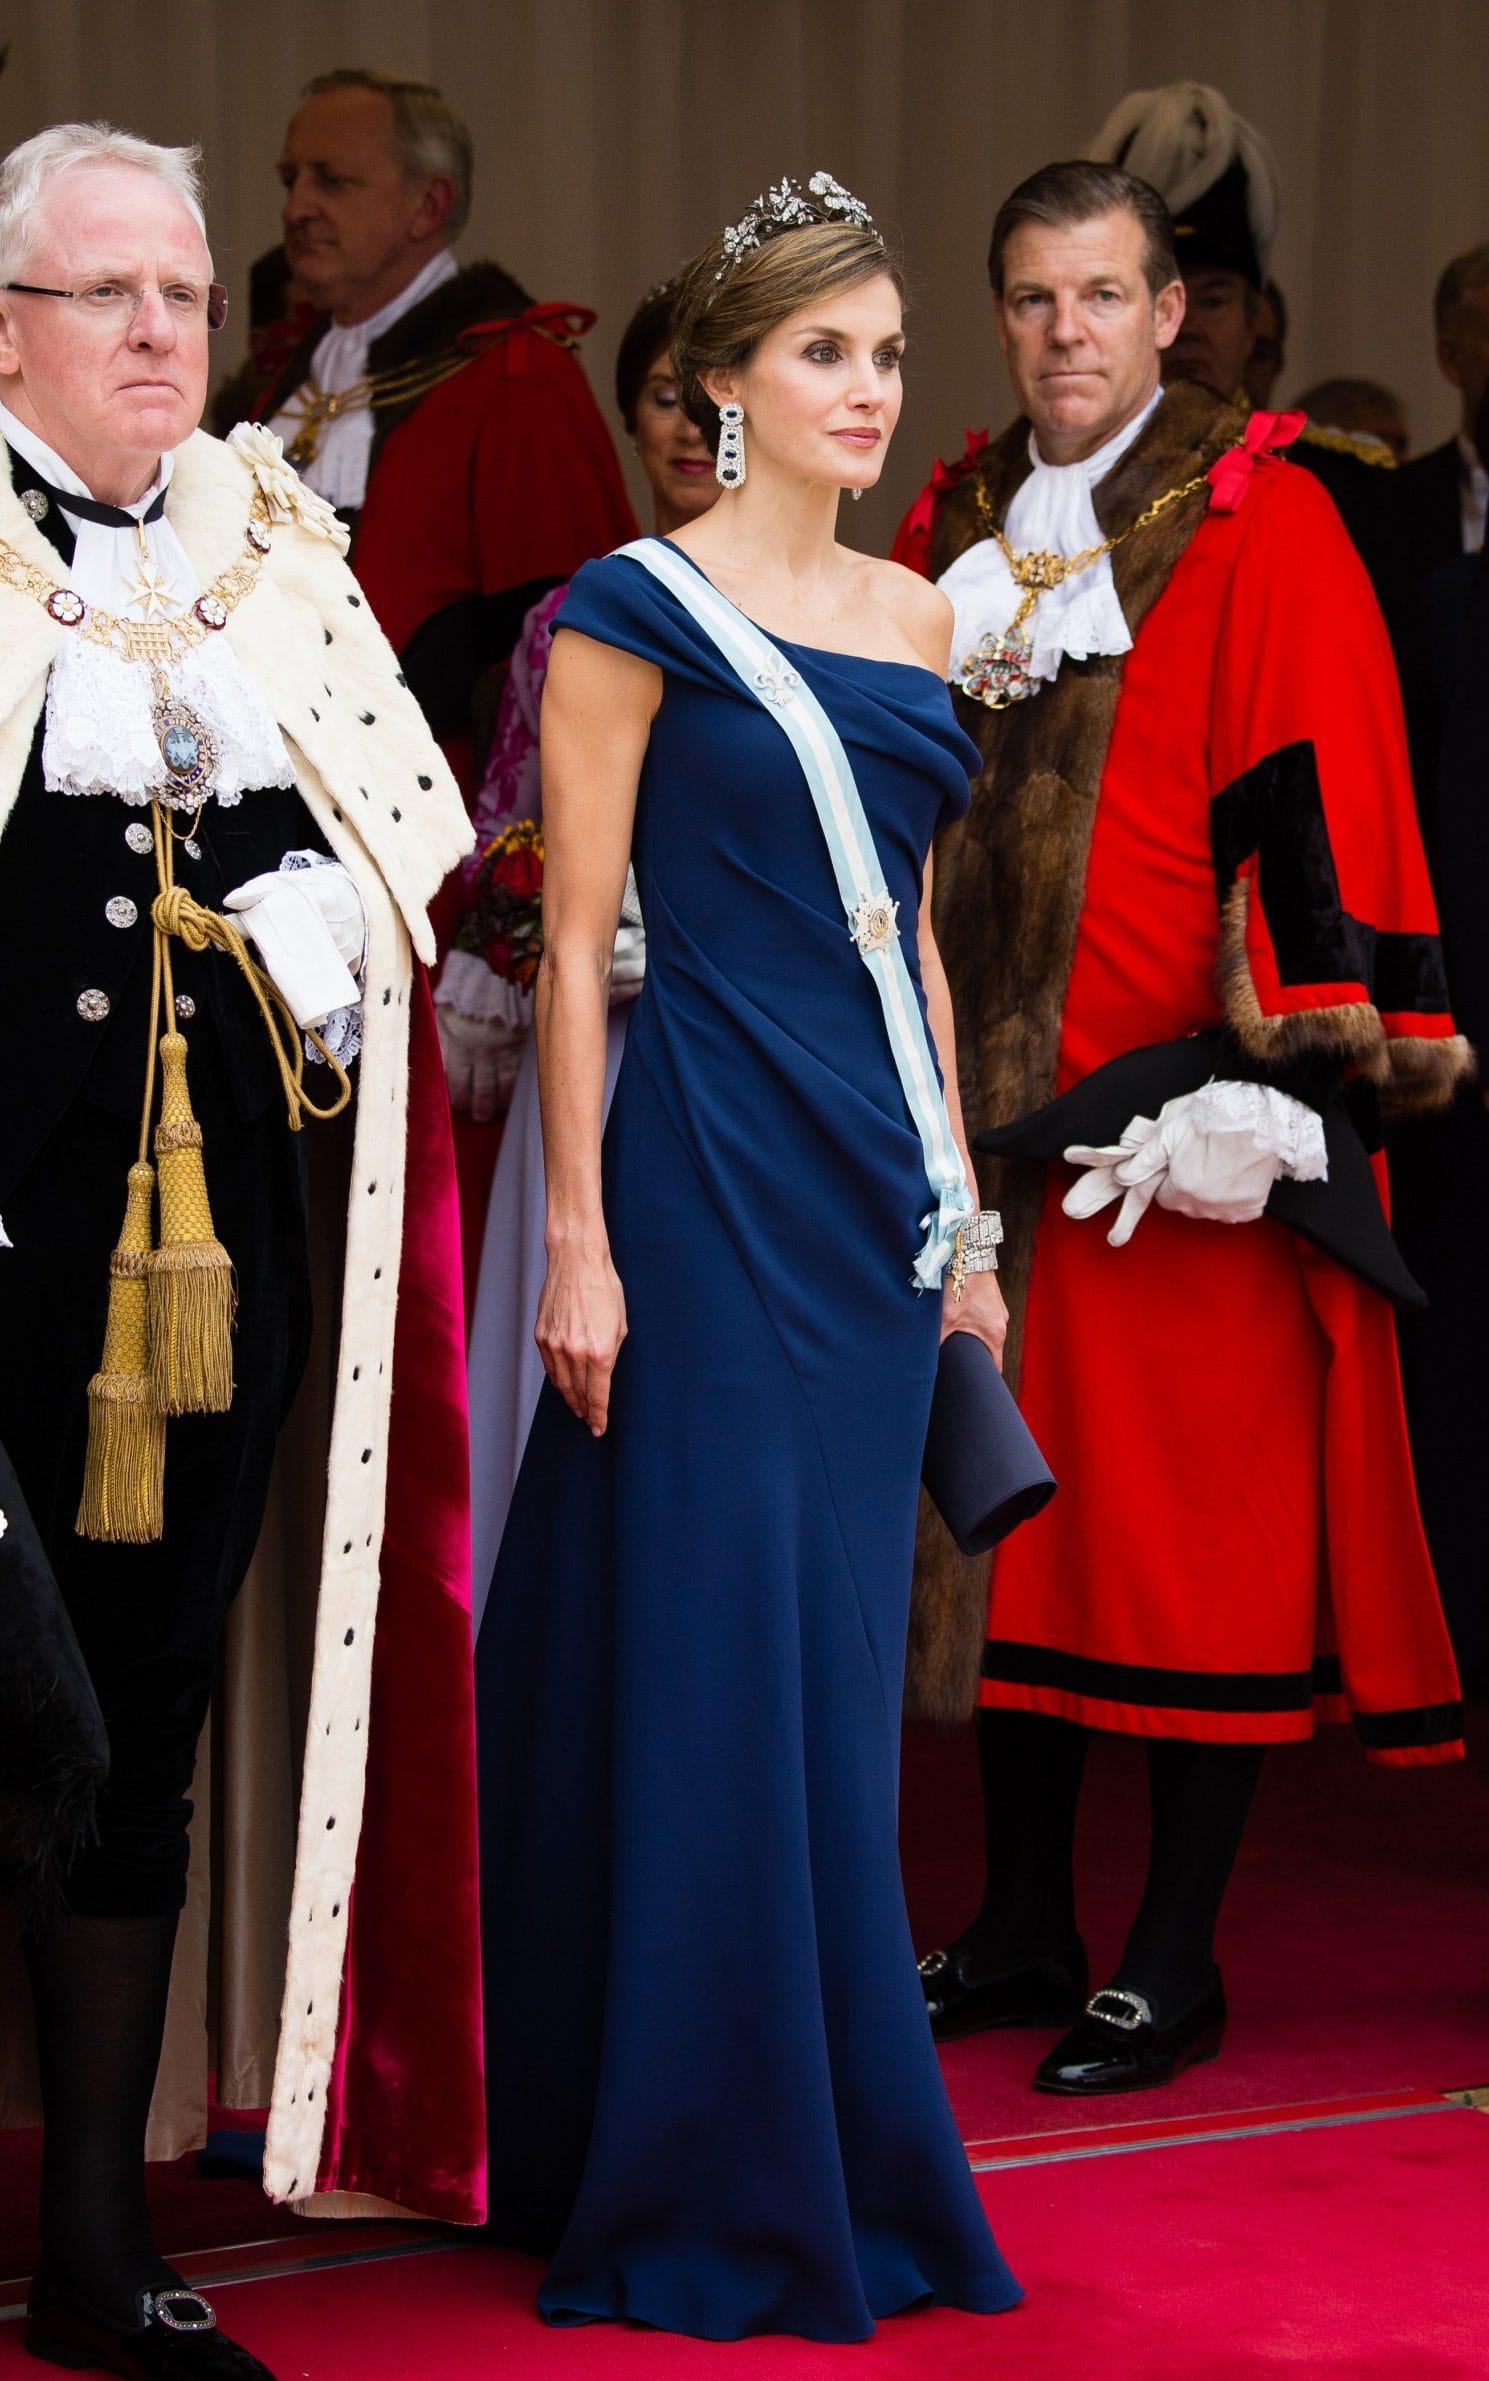 الملكة ليتيسيا في اطلالة راقية في فستان أزرق كتف واحد